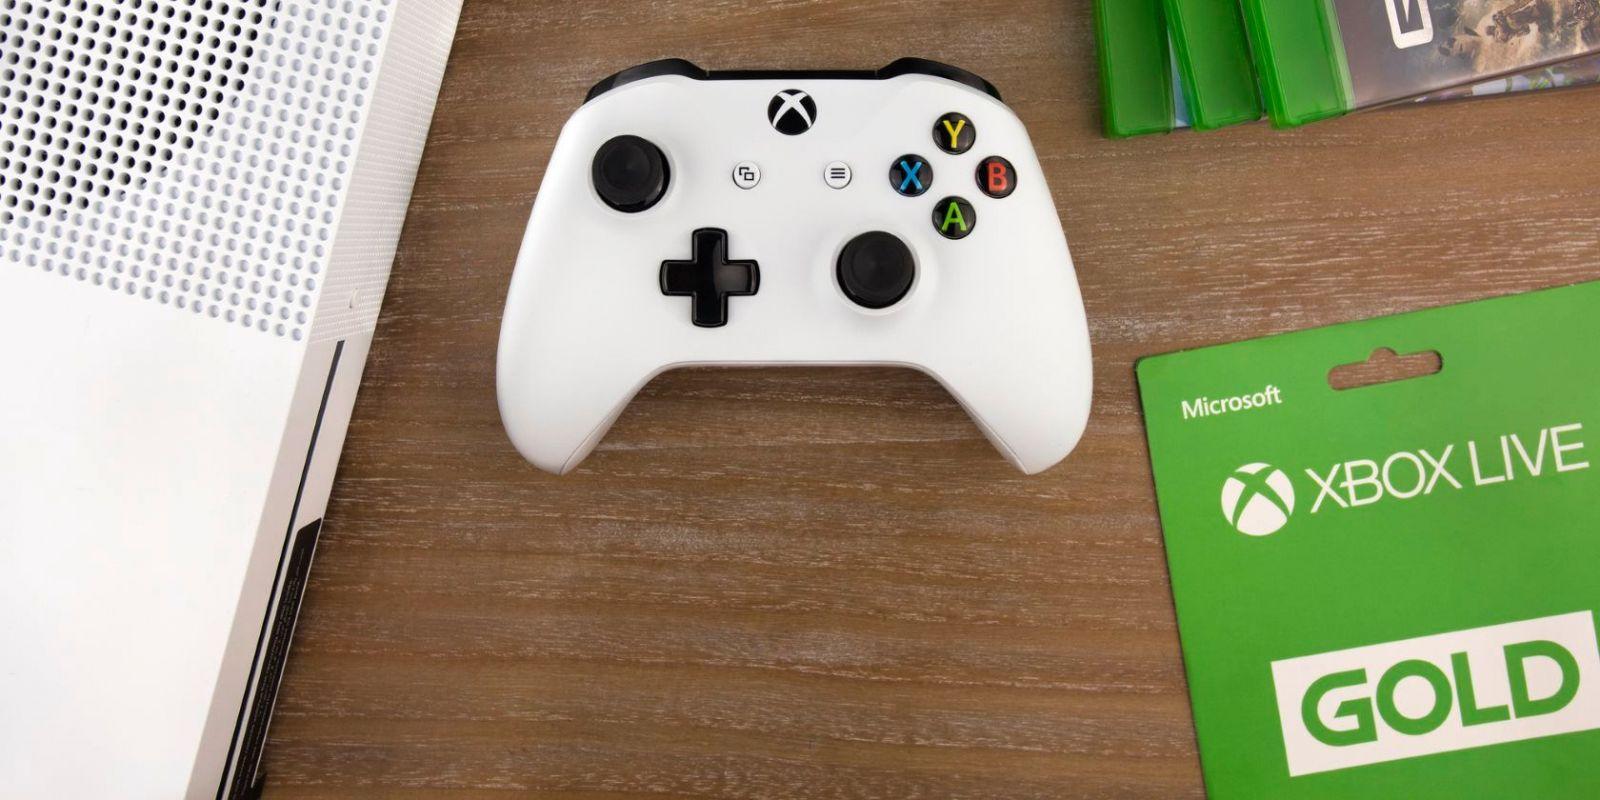 Fonte: Microsoft Xbox